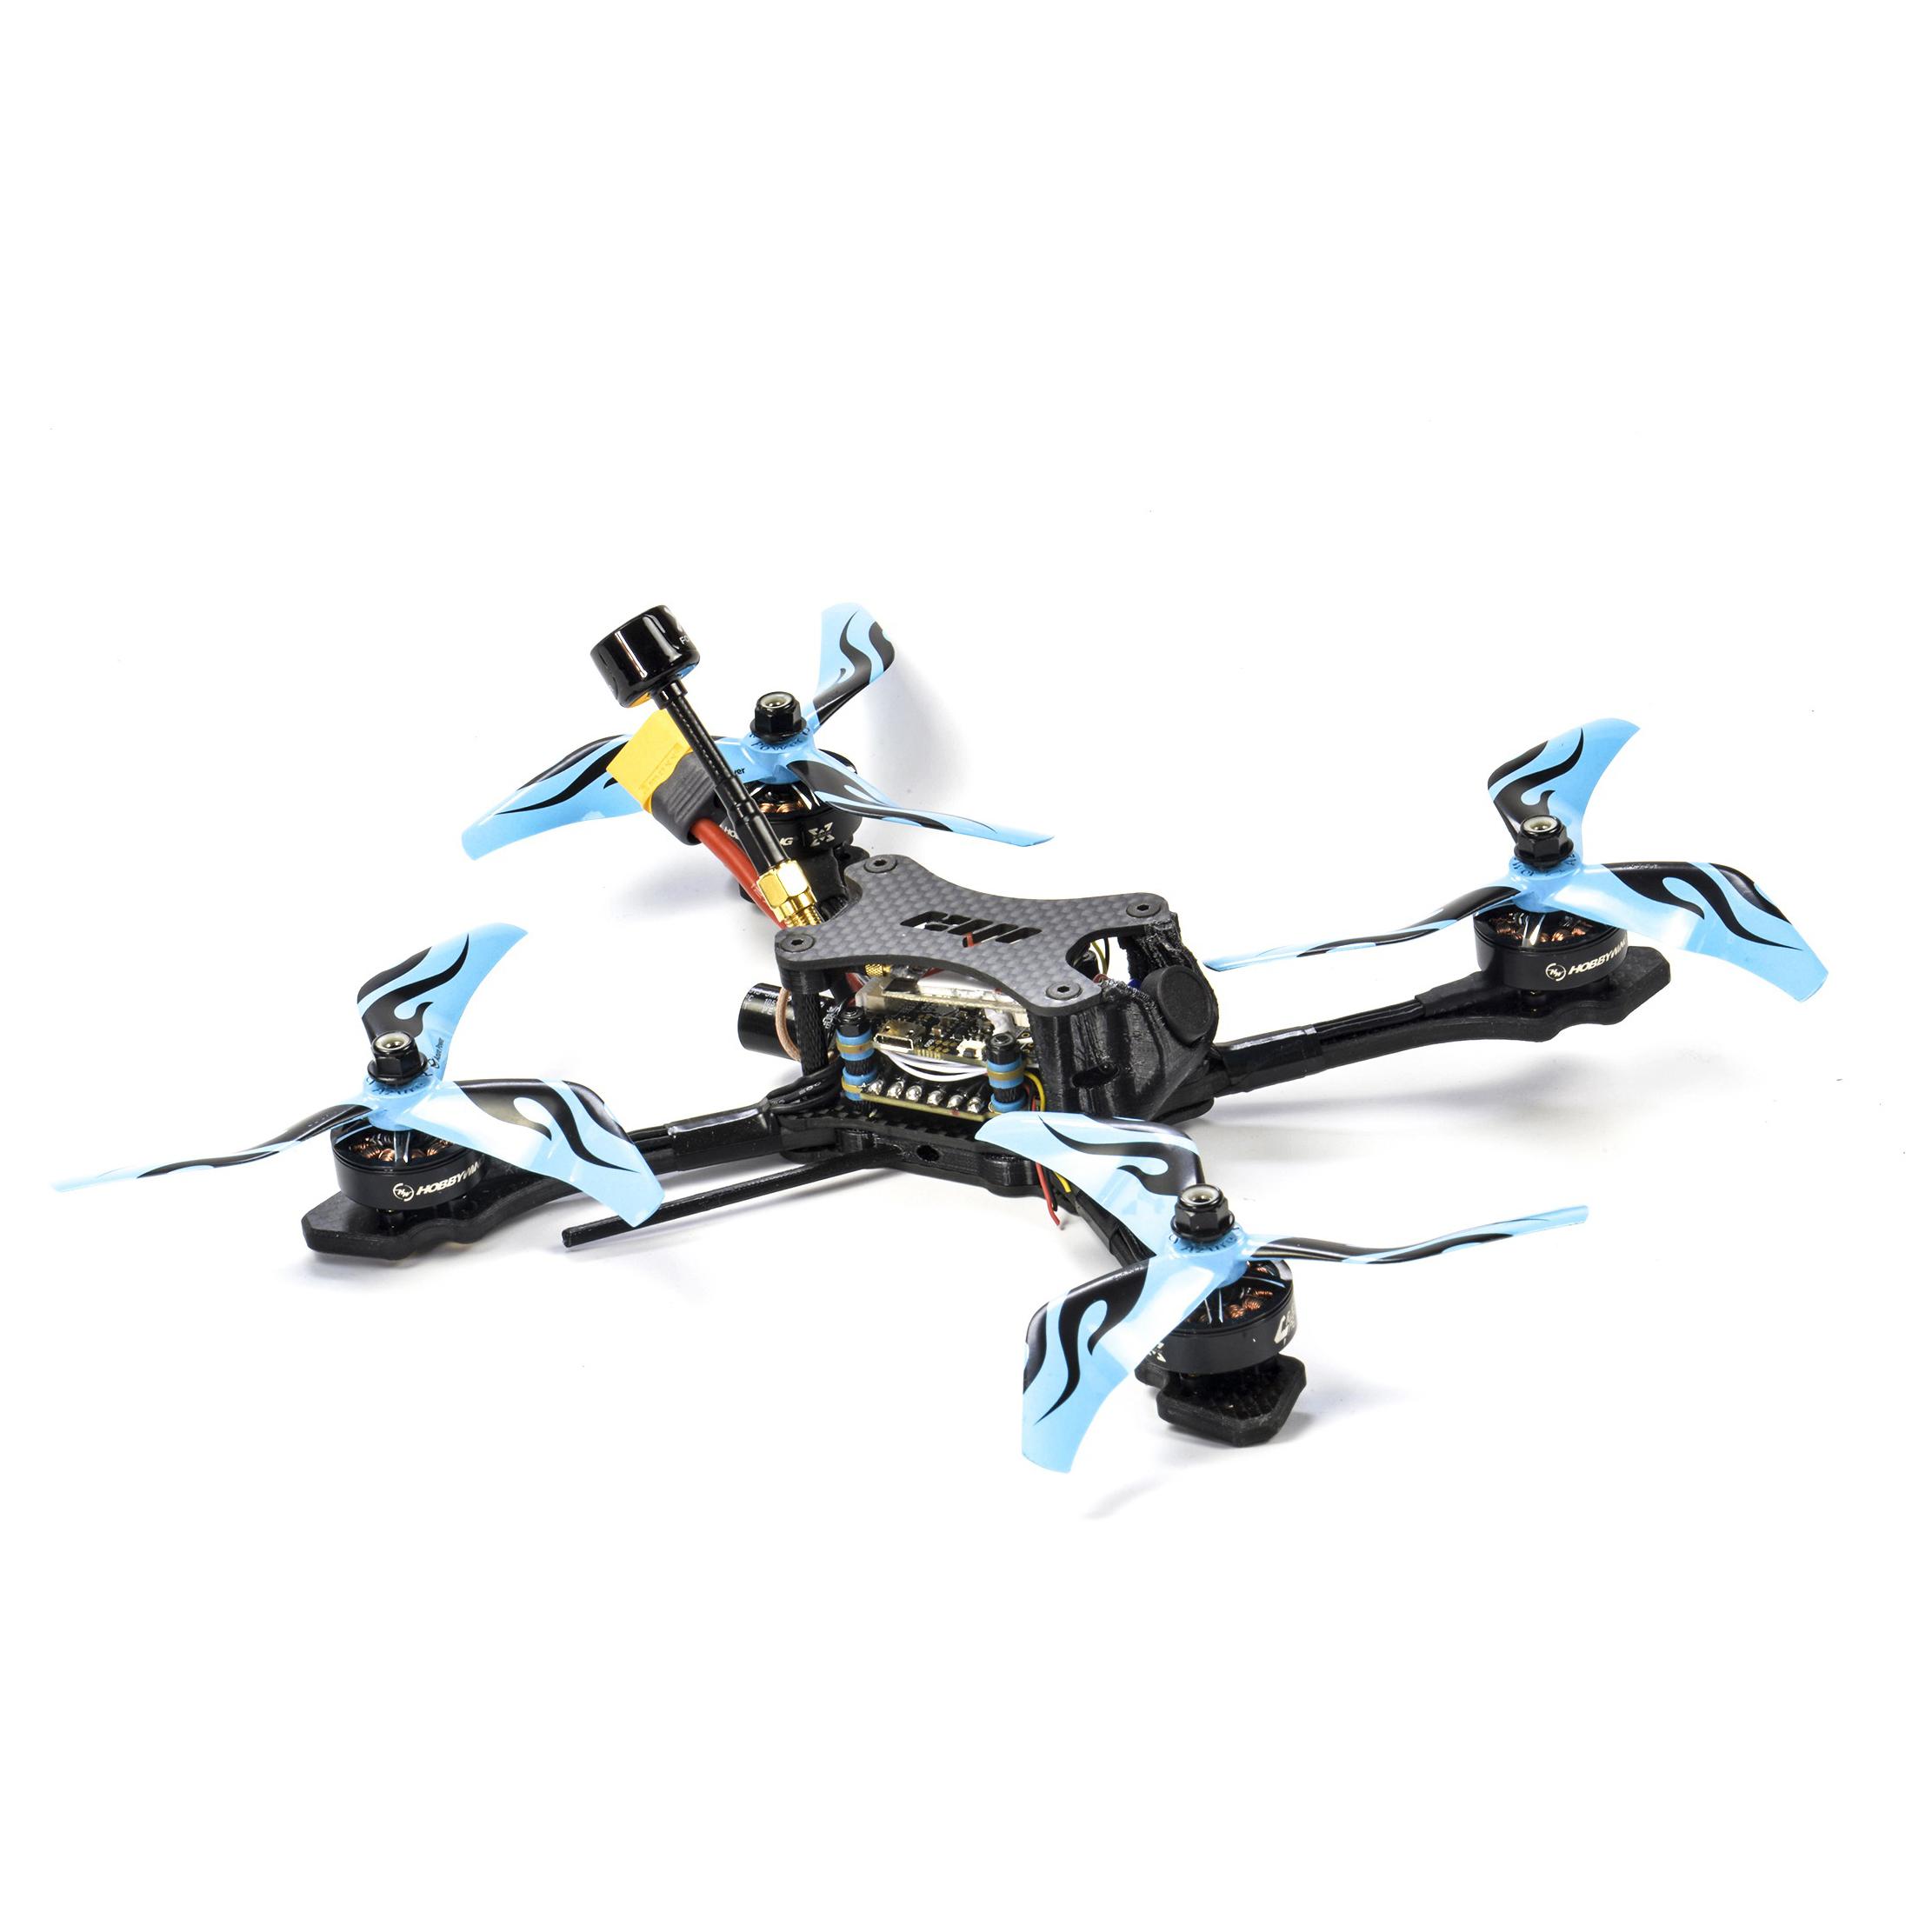 comprar dron completo ensamblado montado mejor precio